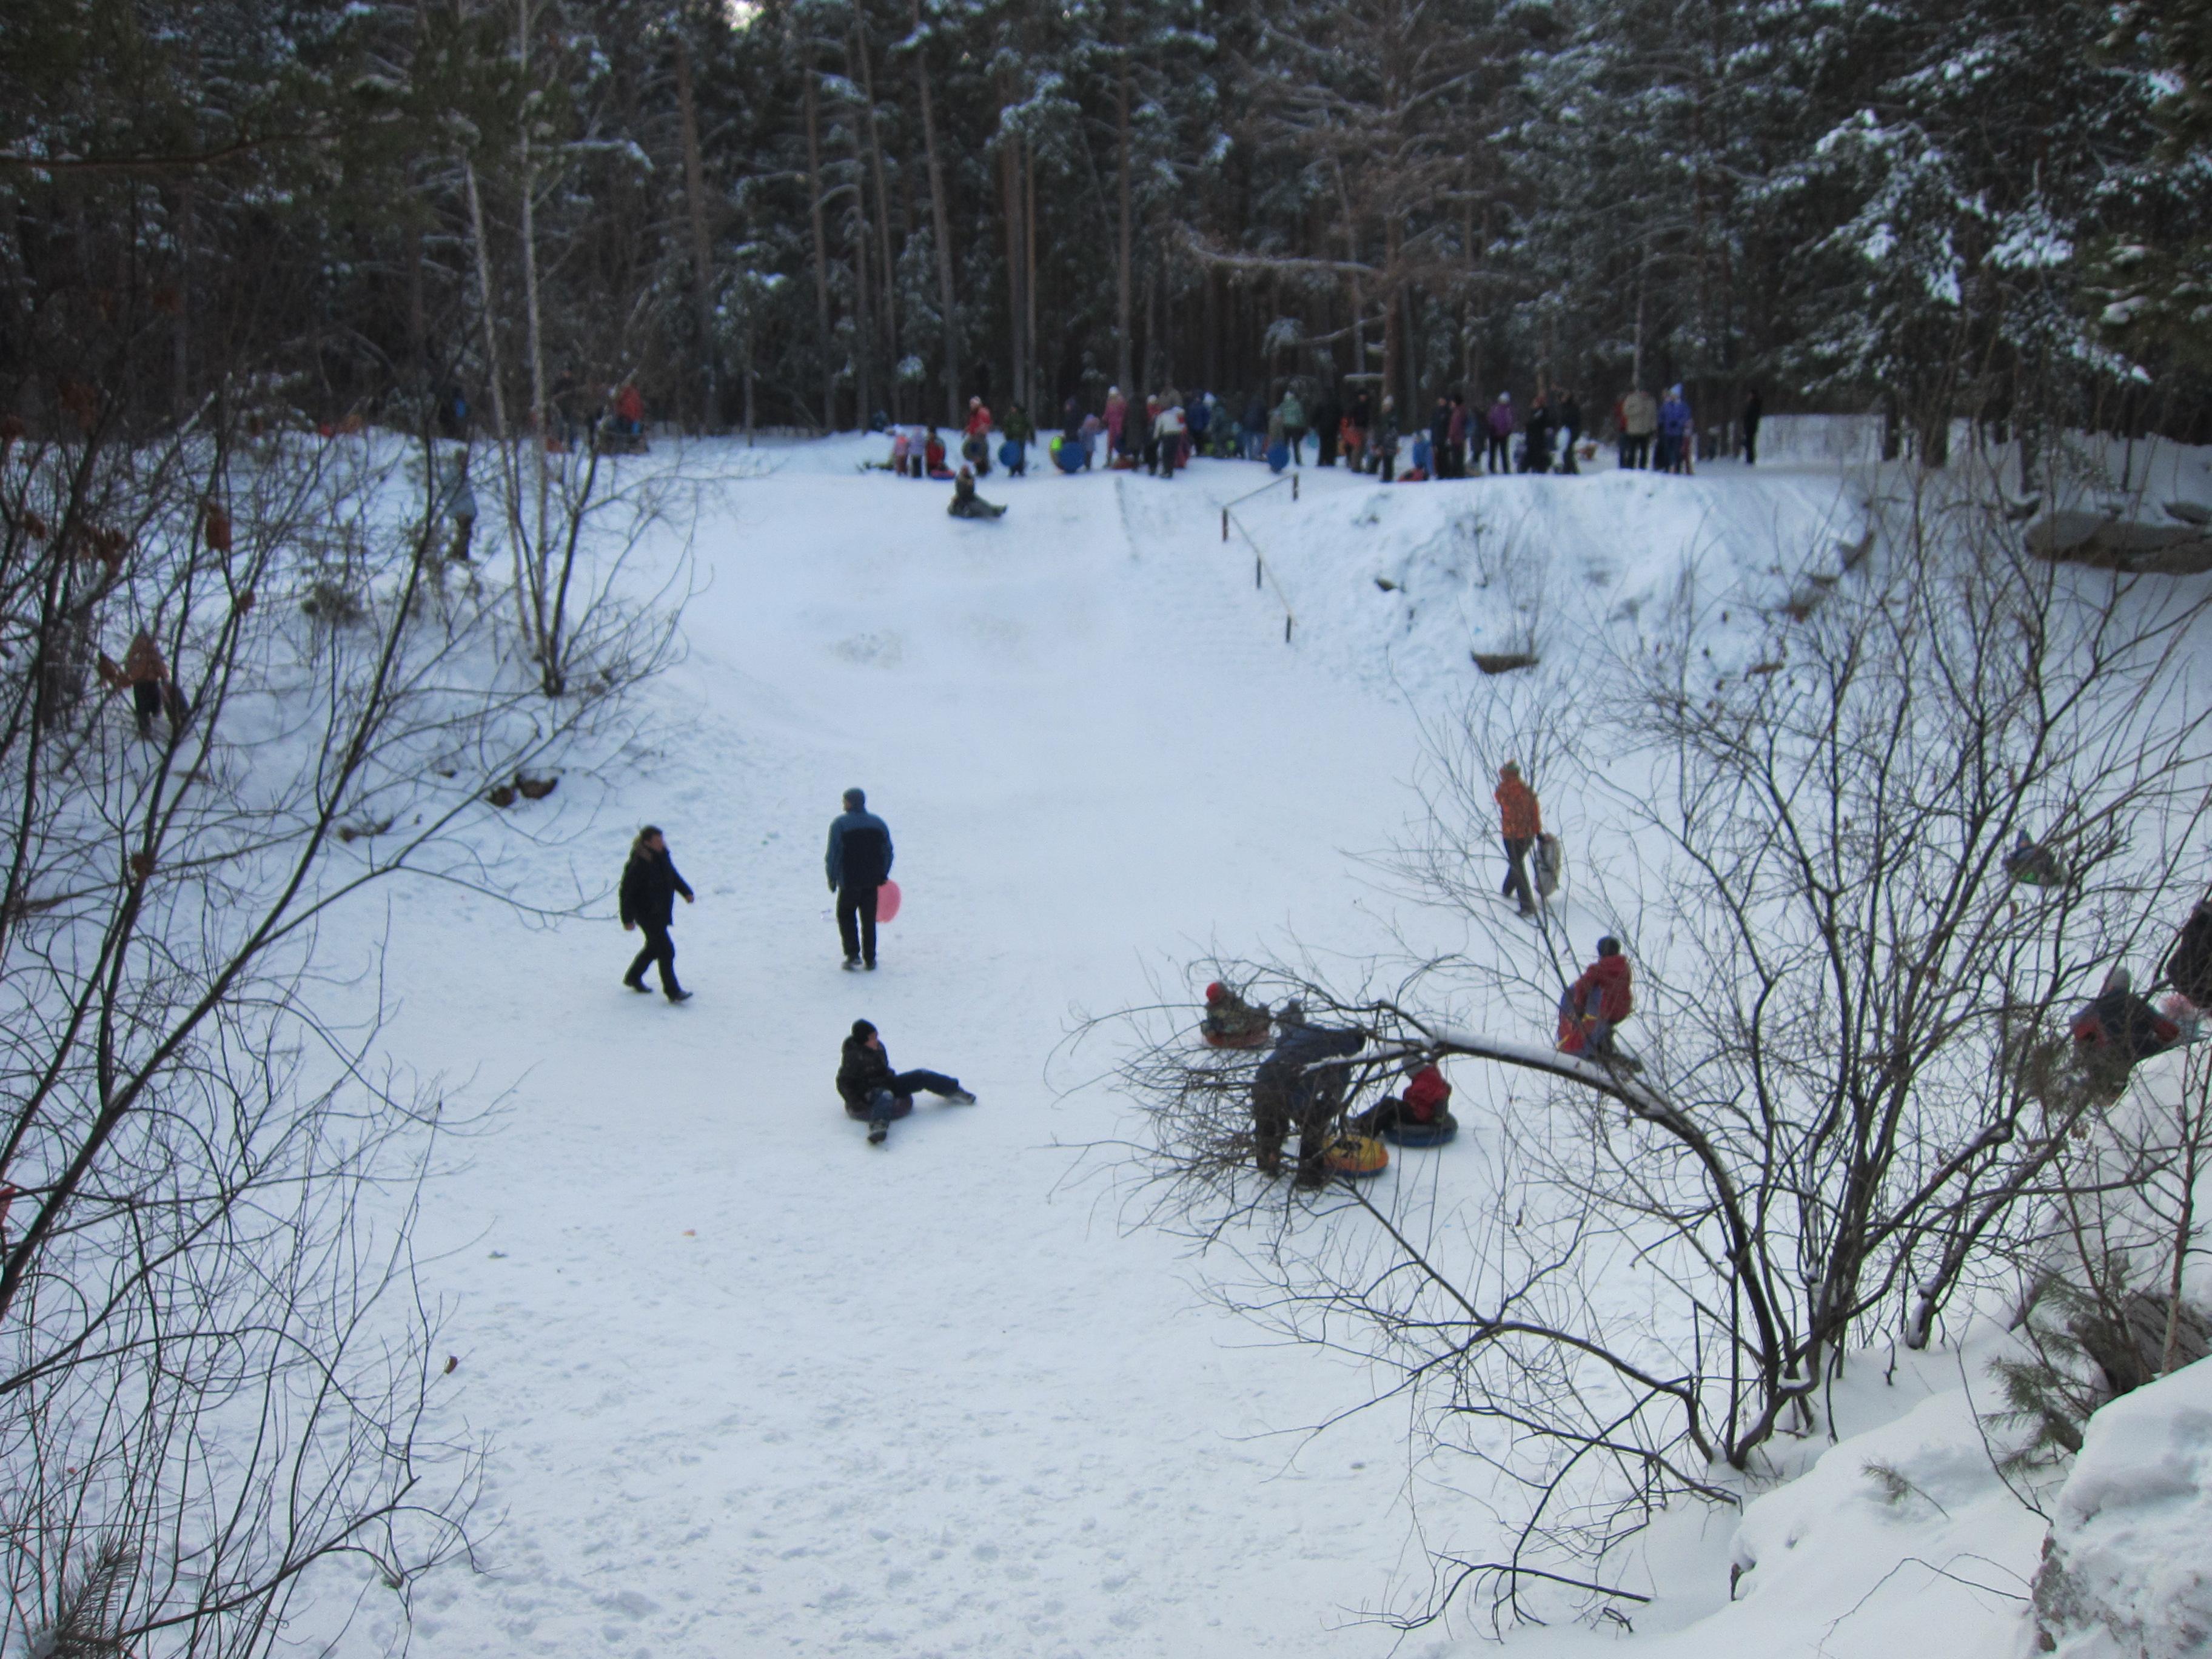 Общая панорама карьера. Кругом дети, тюбинги, много снега и деревьев (06.01.2015)